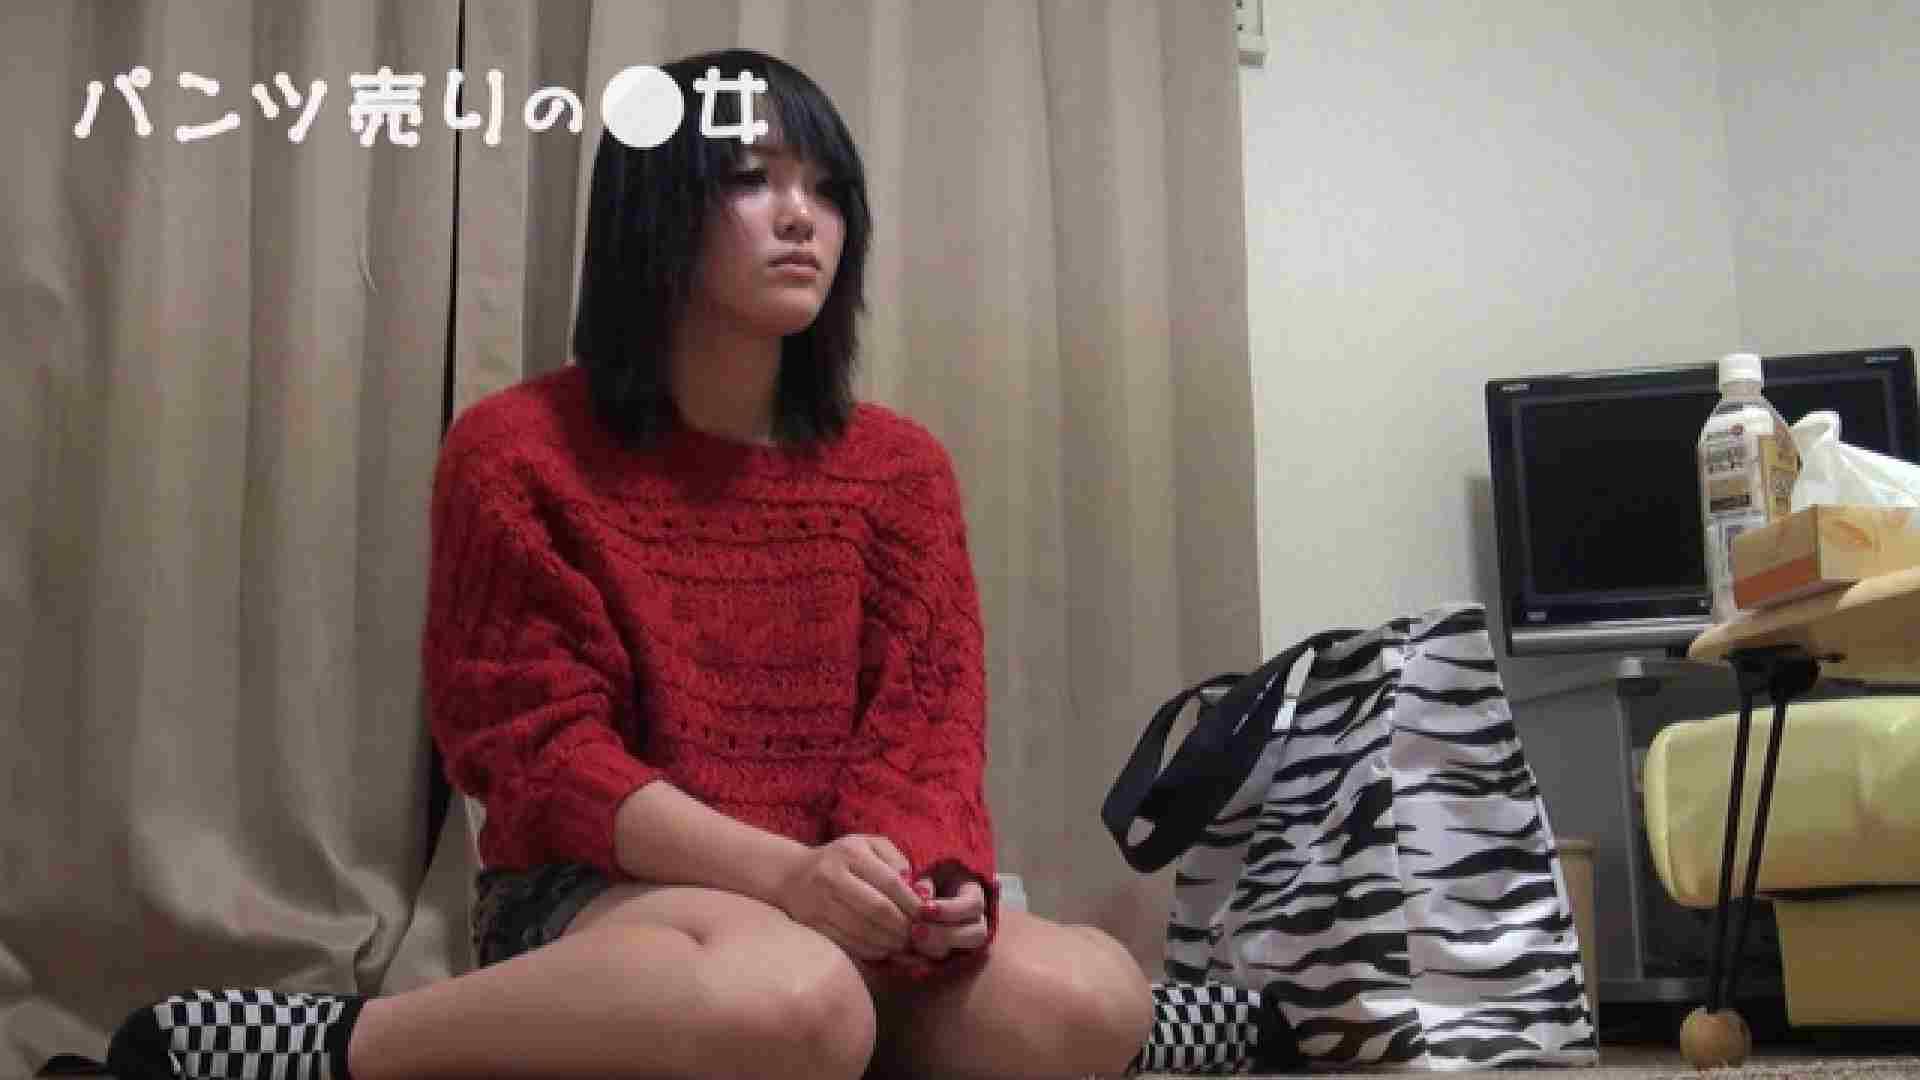 新説 パンツ売りの女の子mizuki 一般投稿  109枚 44